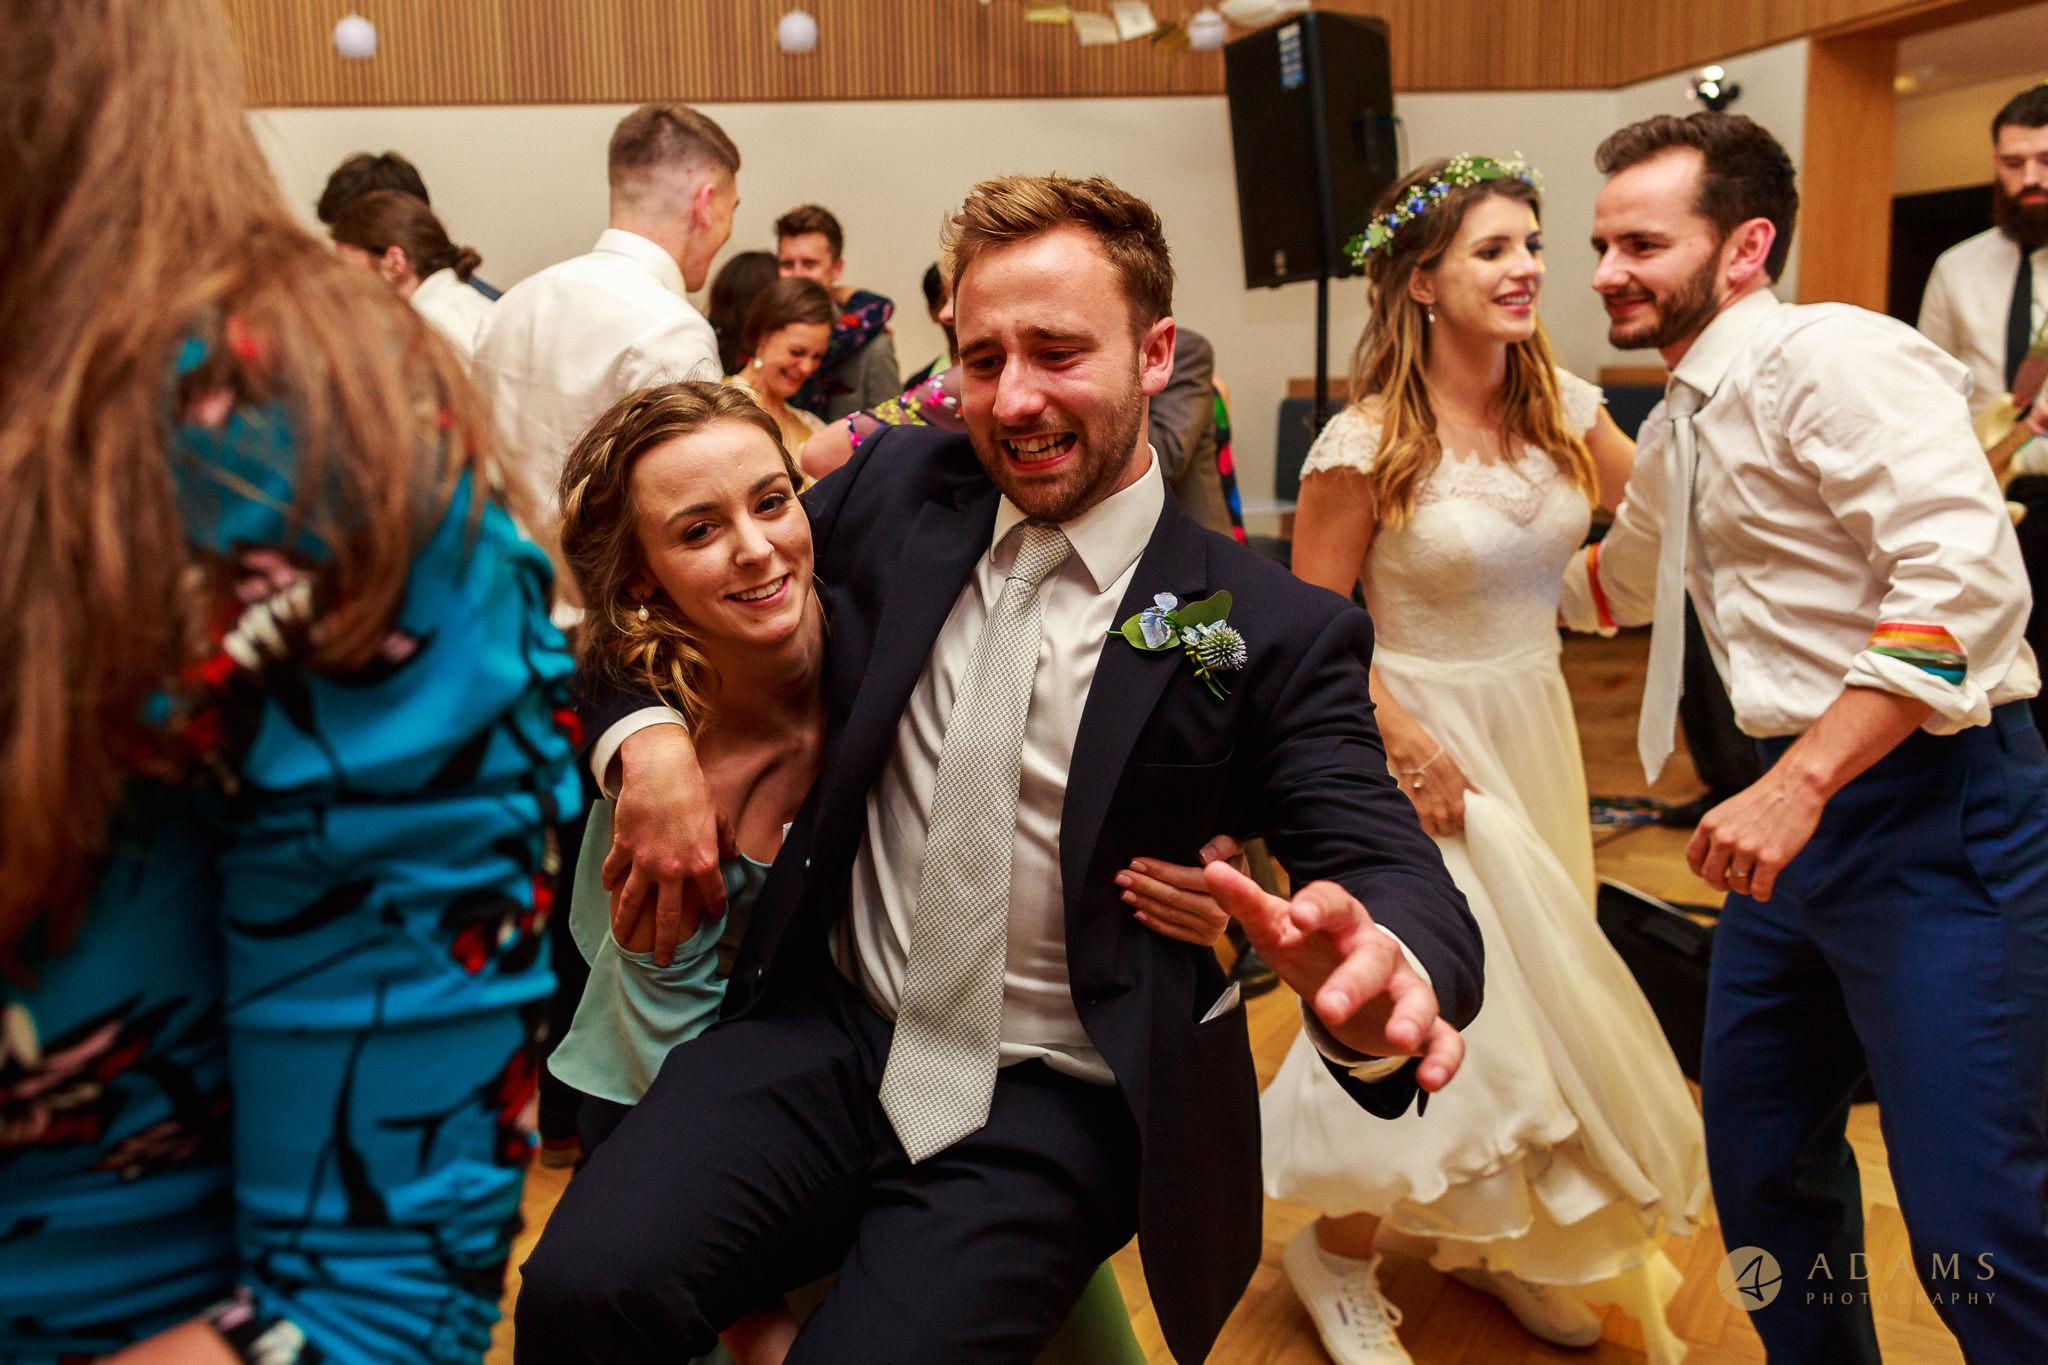 Newnham College wedding party dancing